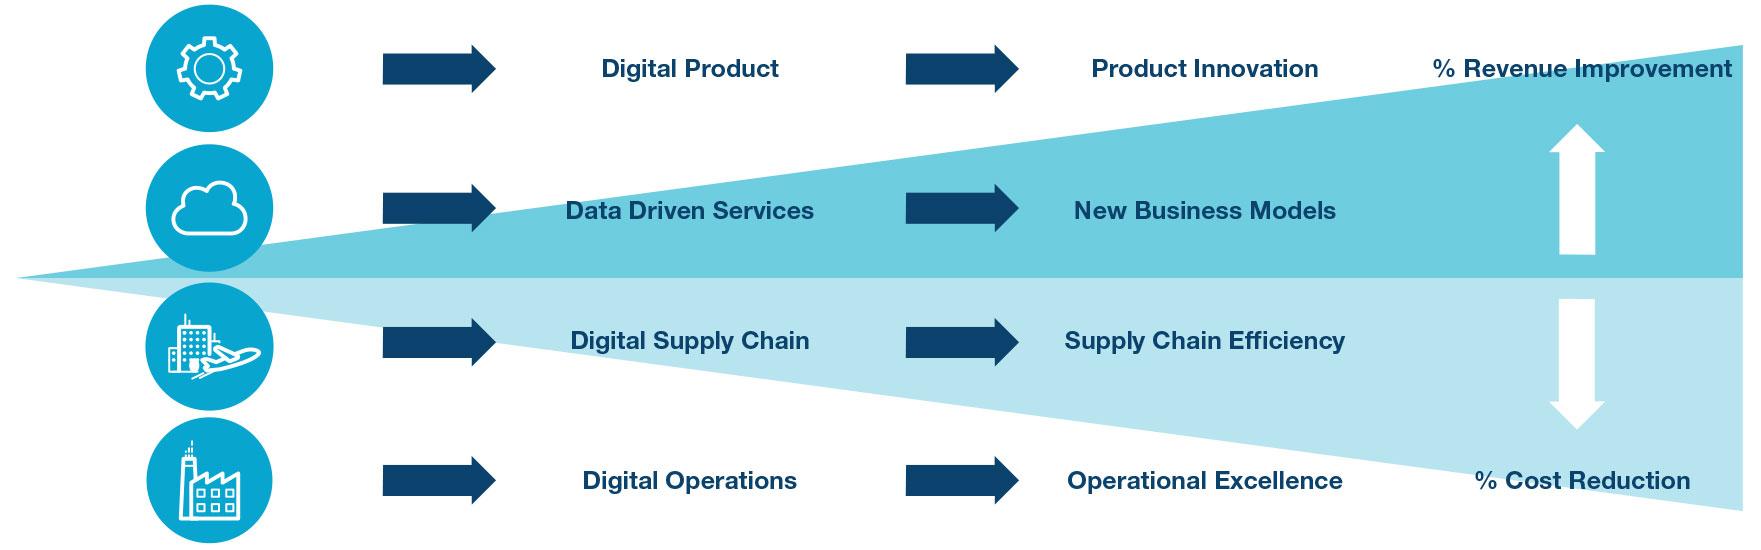 滿足工業4.0的網絡安全戰略解決方案